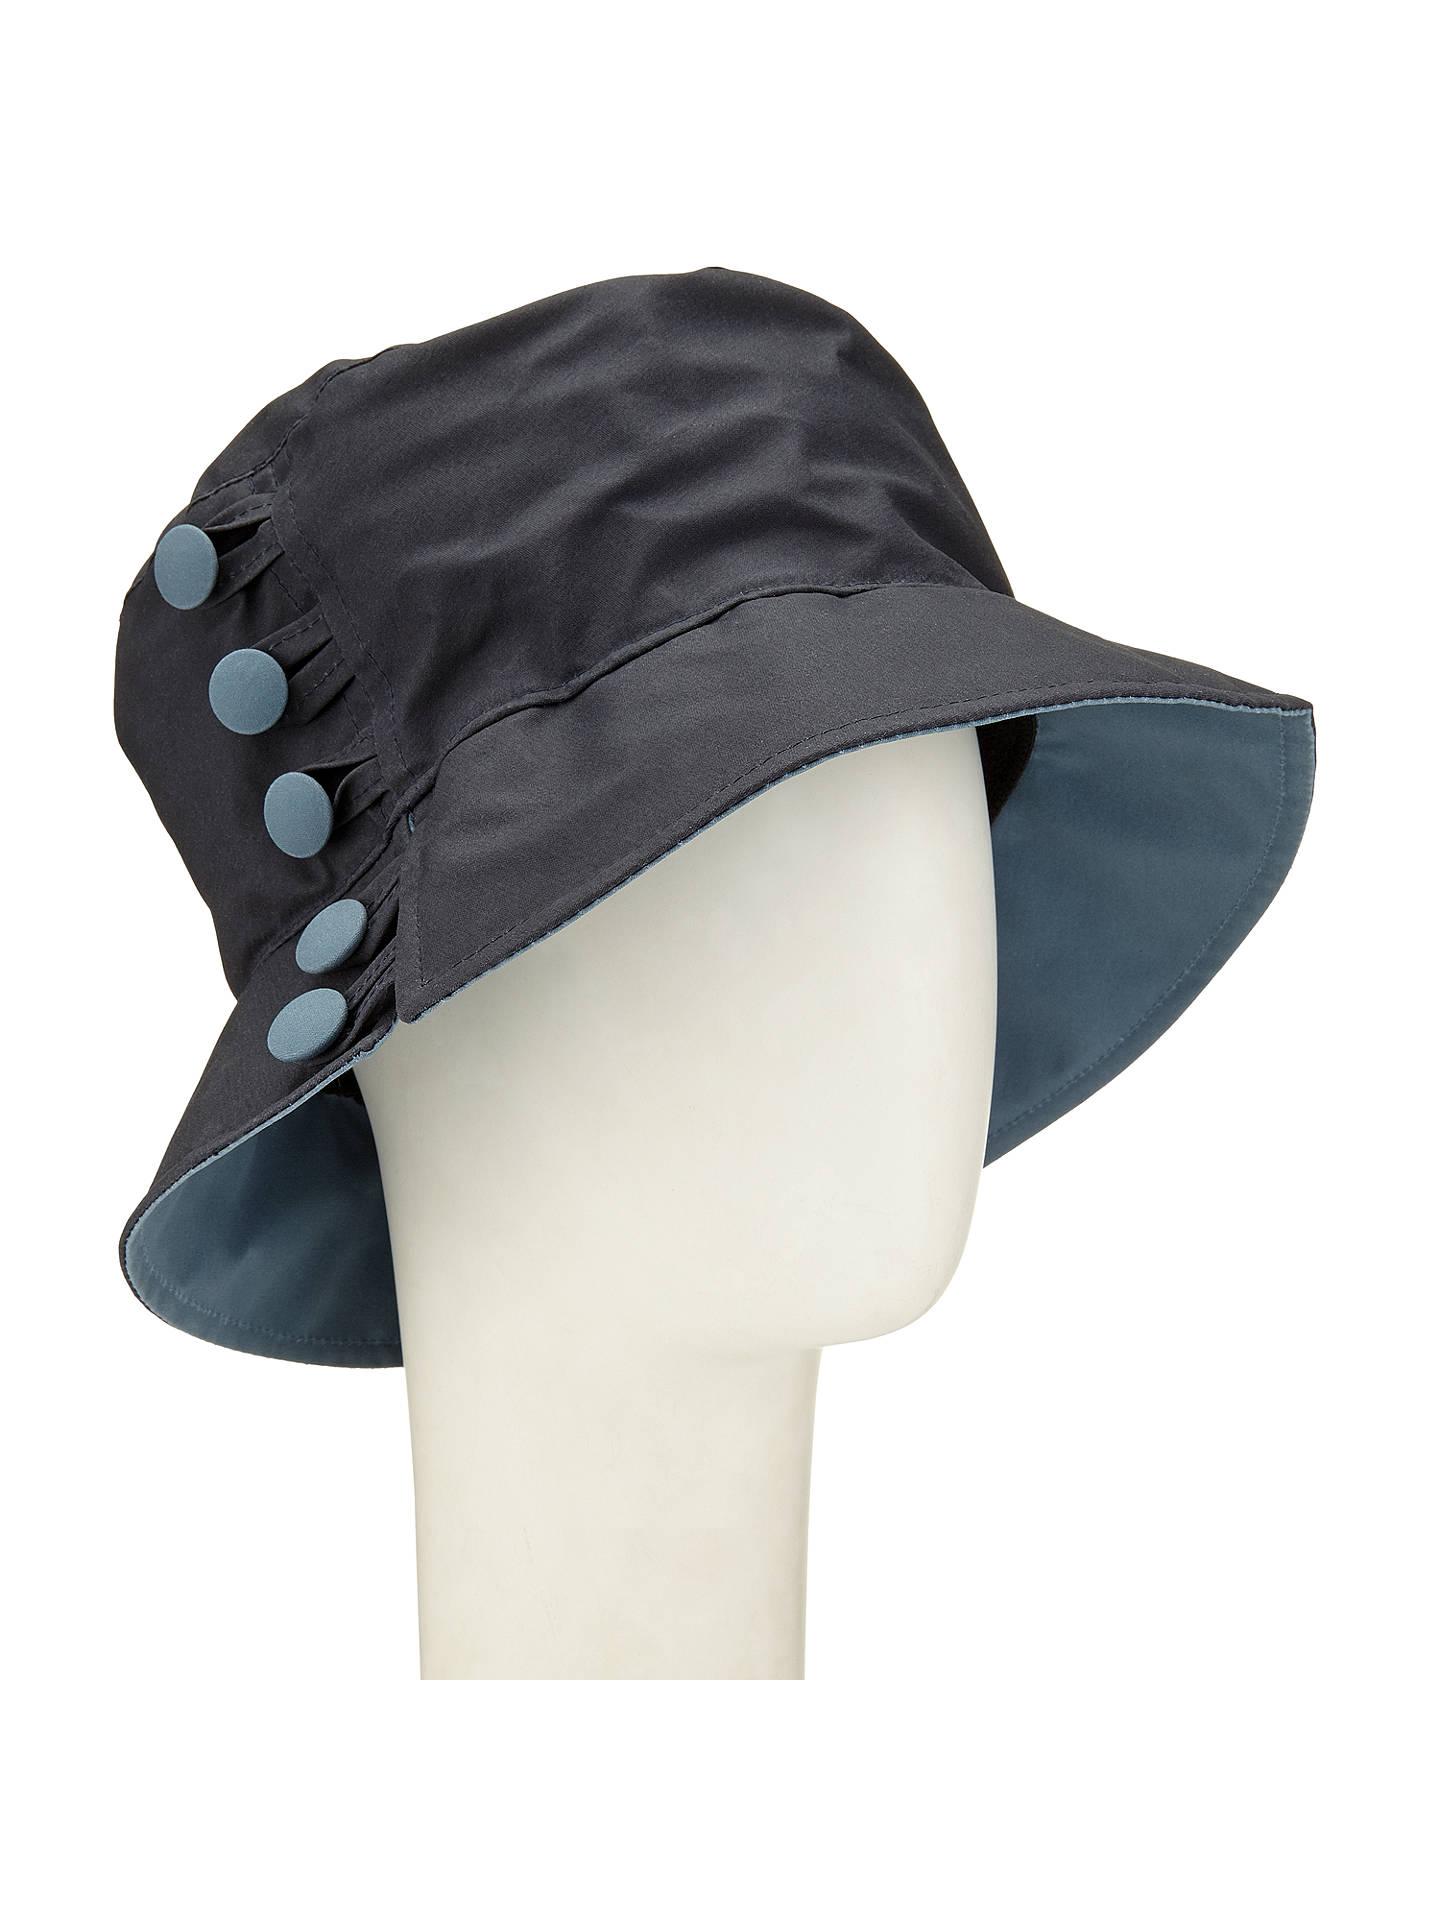 BuyOlney Waxed Cotton Button Rain Hat d8093e5a573